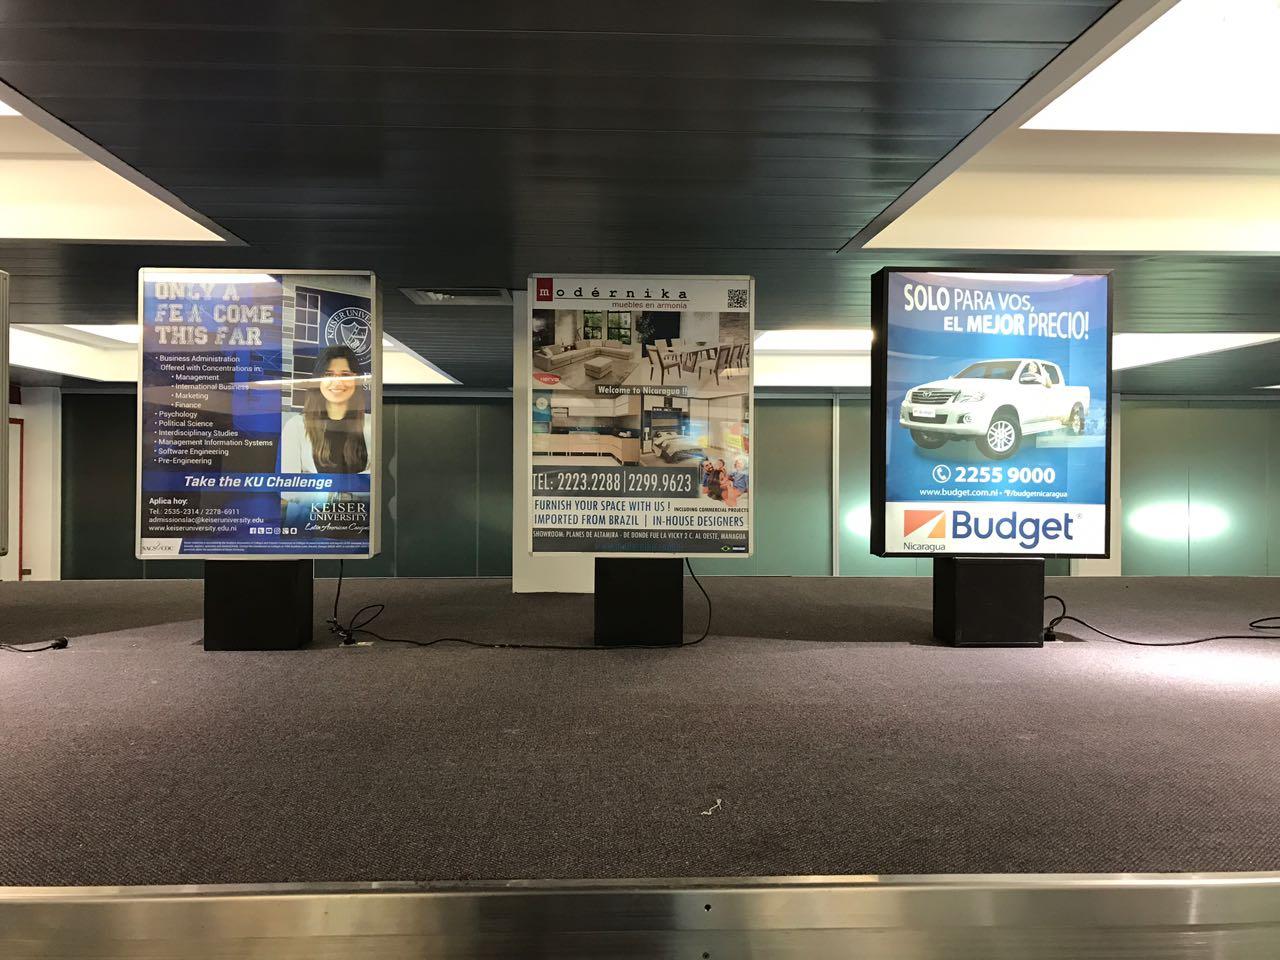 Mupi - Aeropuerto Augusto C. Sandino